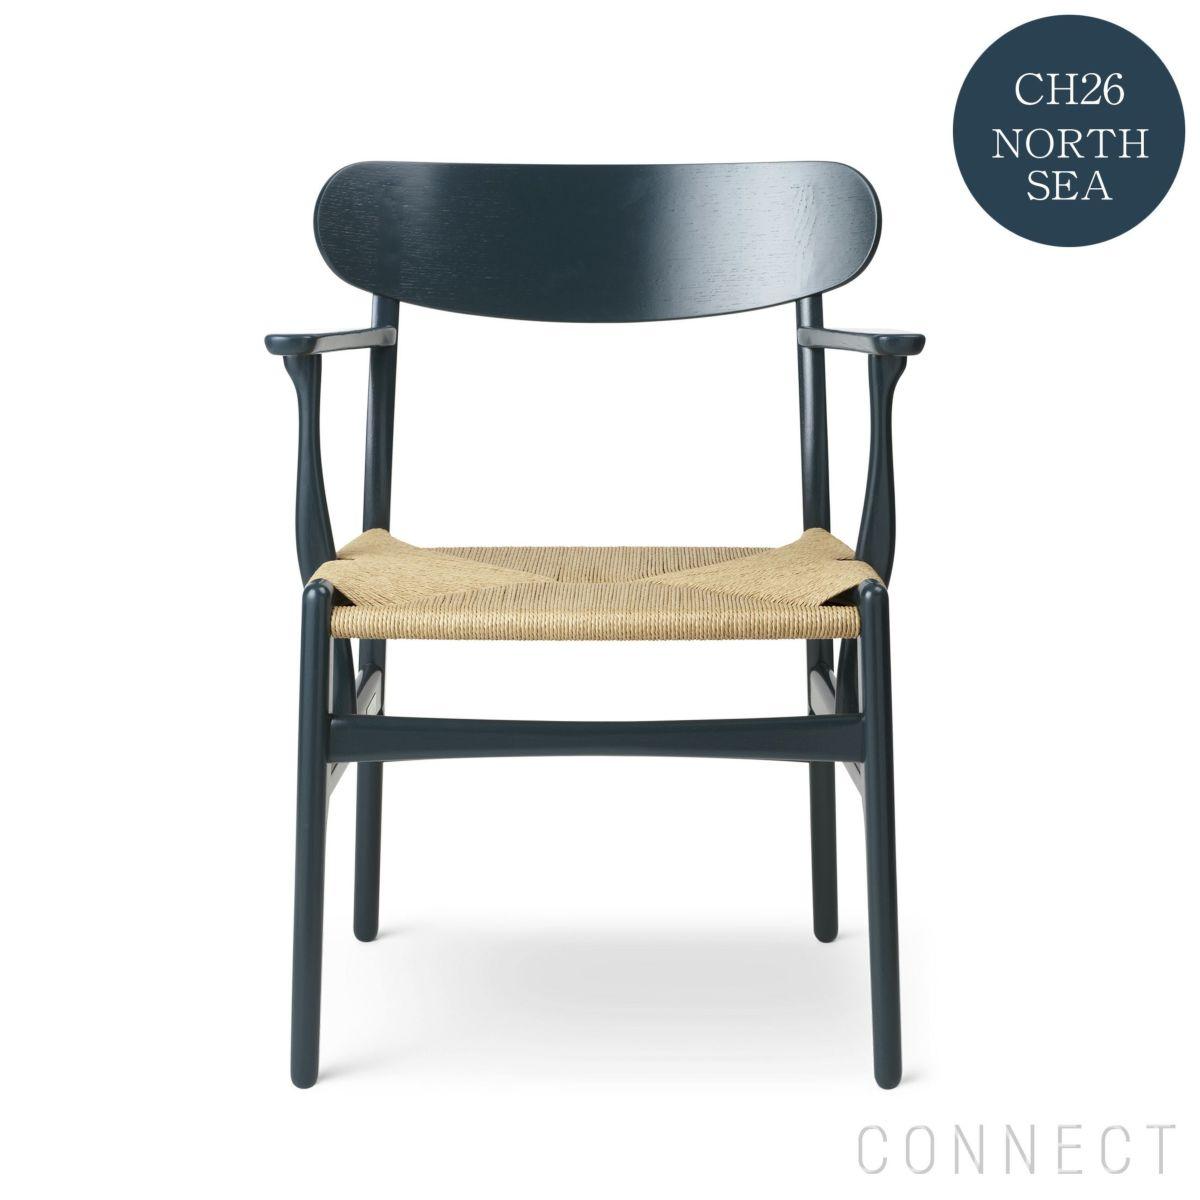 【限定生産】CARL HANSEN & SON(カール・ハンセン&サン) CH26 / オーク材・限定カラー塗装 / 全5色